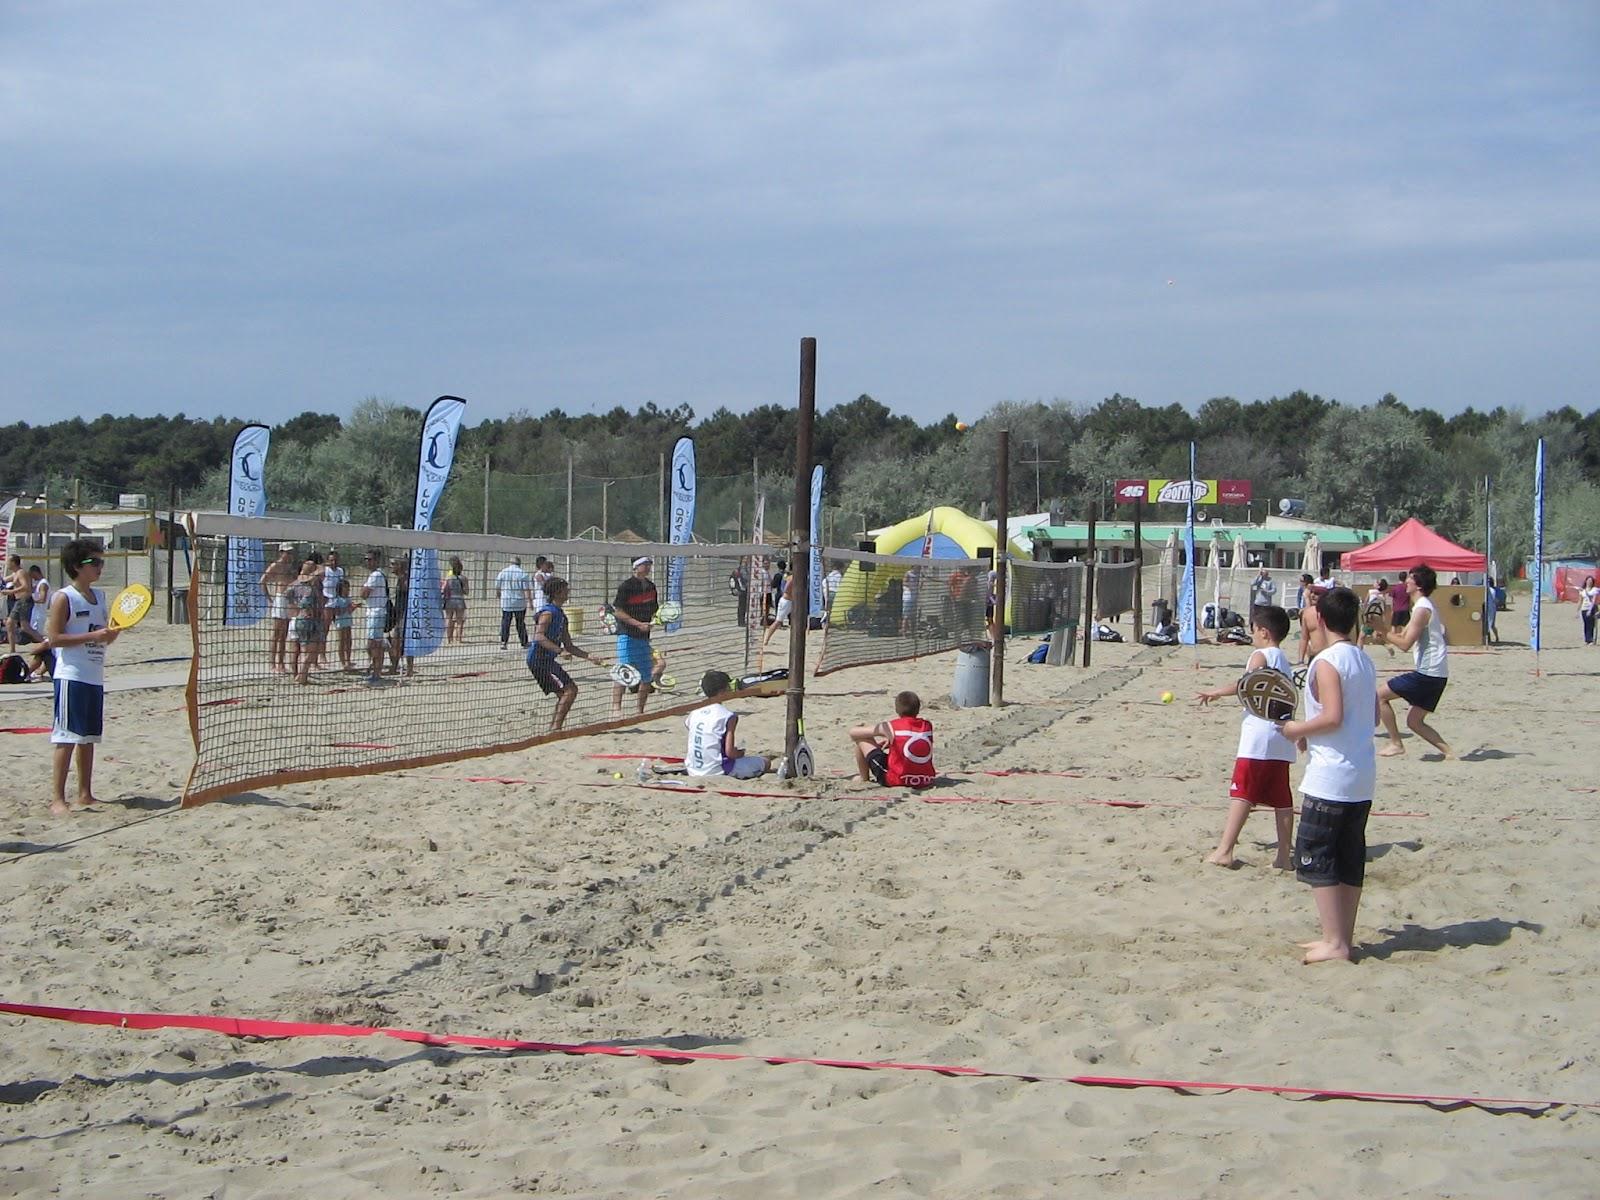 Living ravenna beach tennis ravenna torneo del 1 maggio al bagno taormina il podio - Bagno oasi marina di ravenna ...